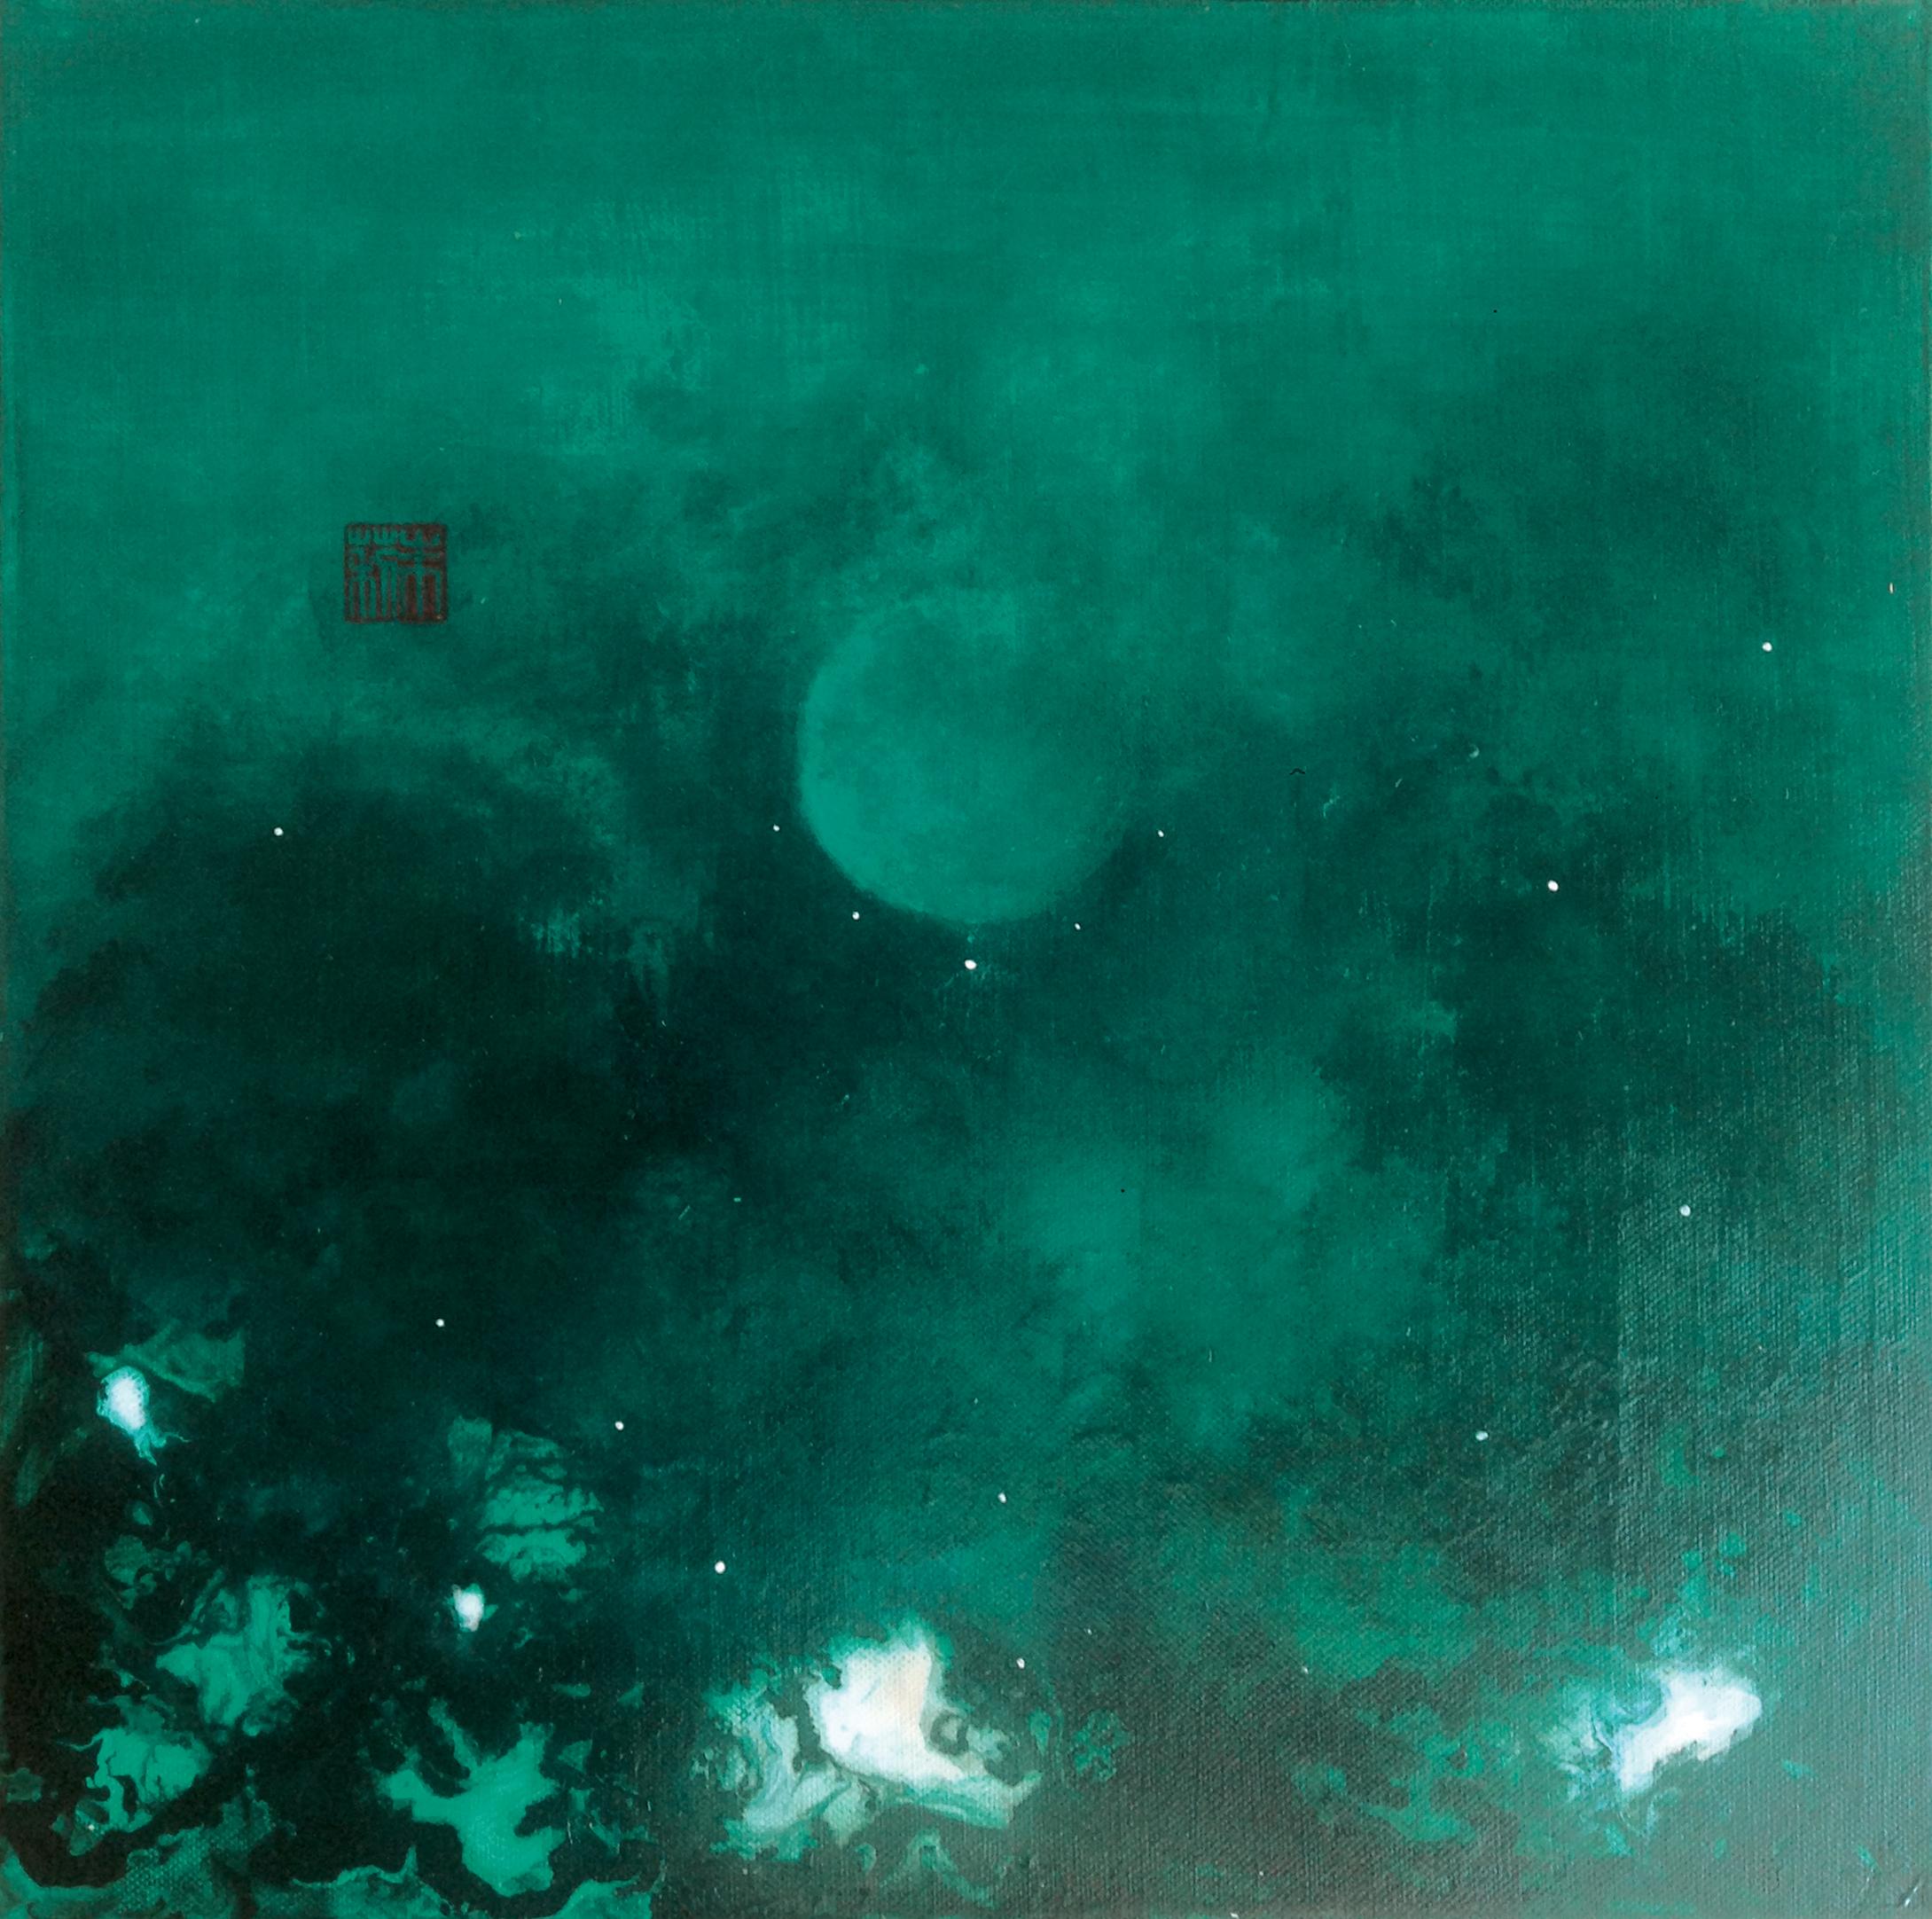 Julie Hauer, Untitled, 2015, Mischtechnik auf Leinwand, 40 x 40 cm